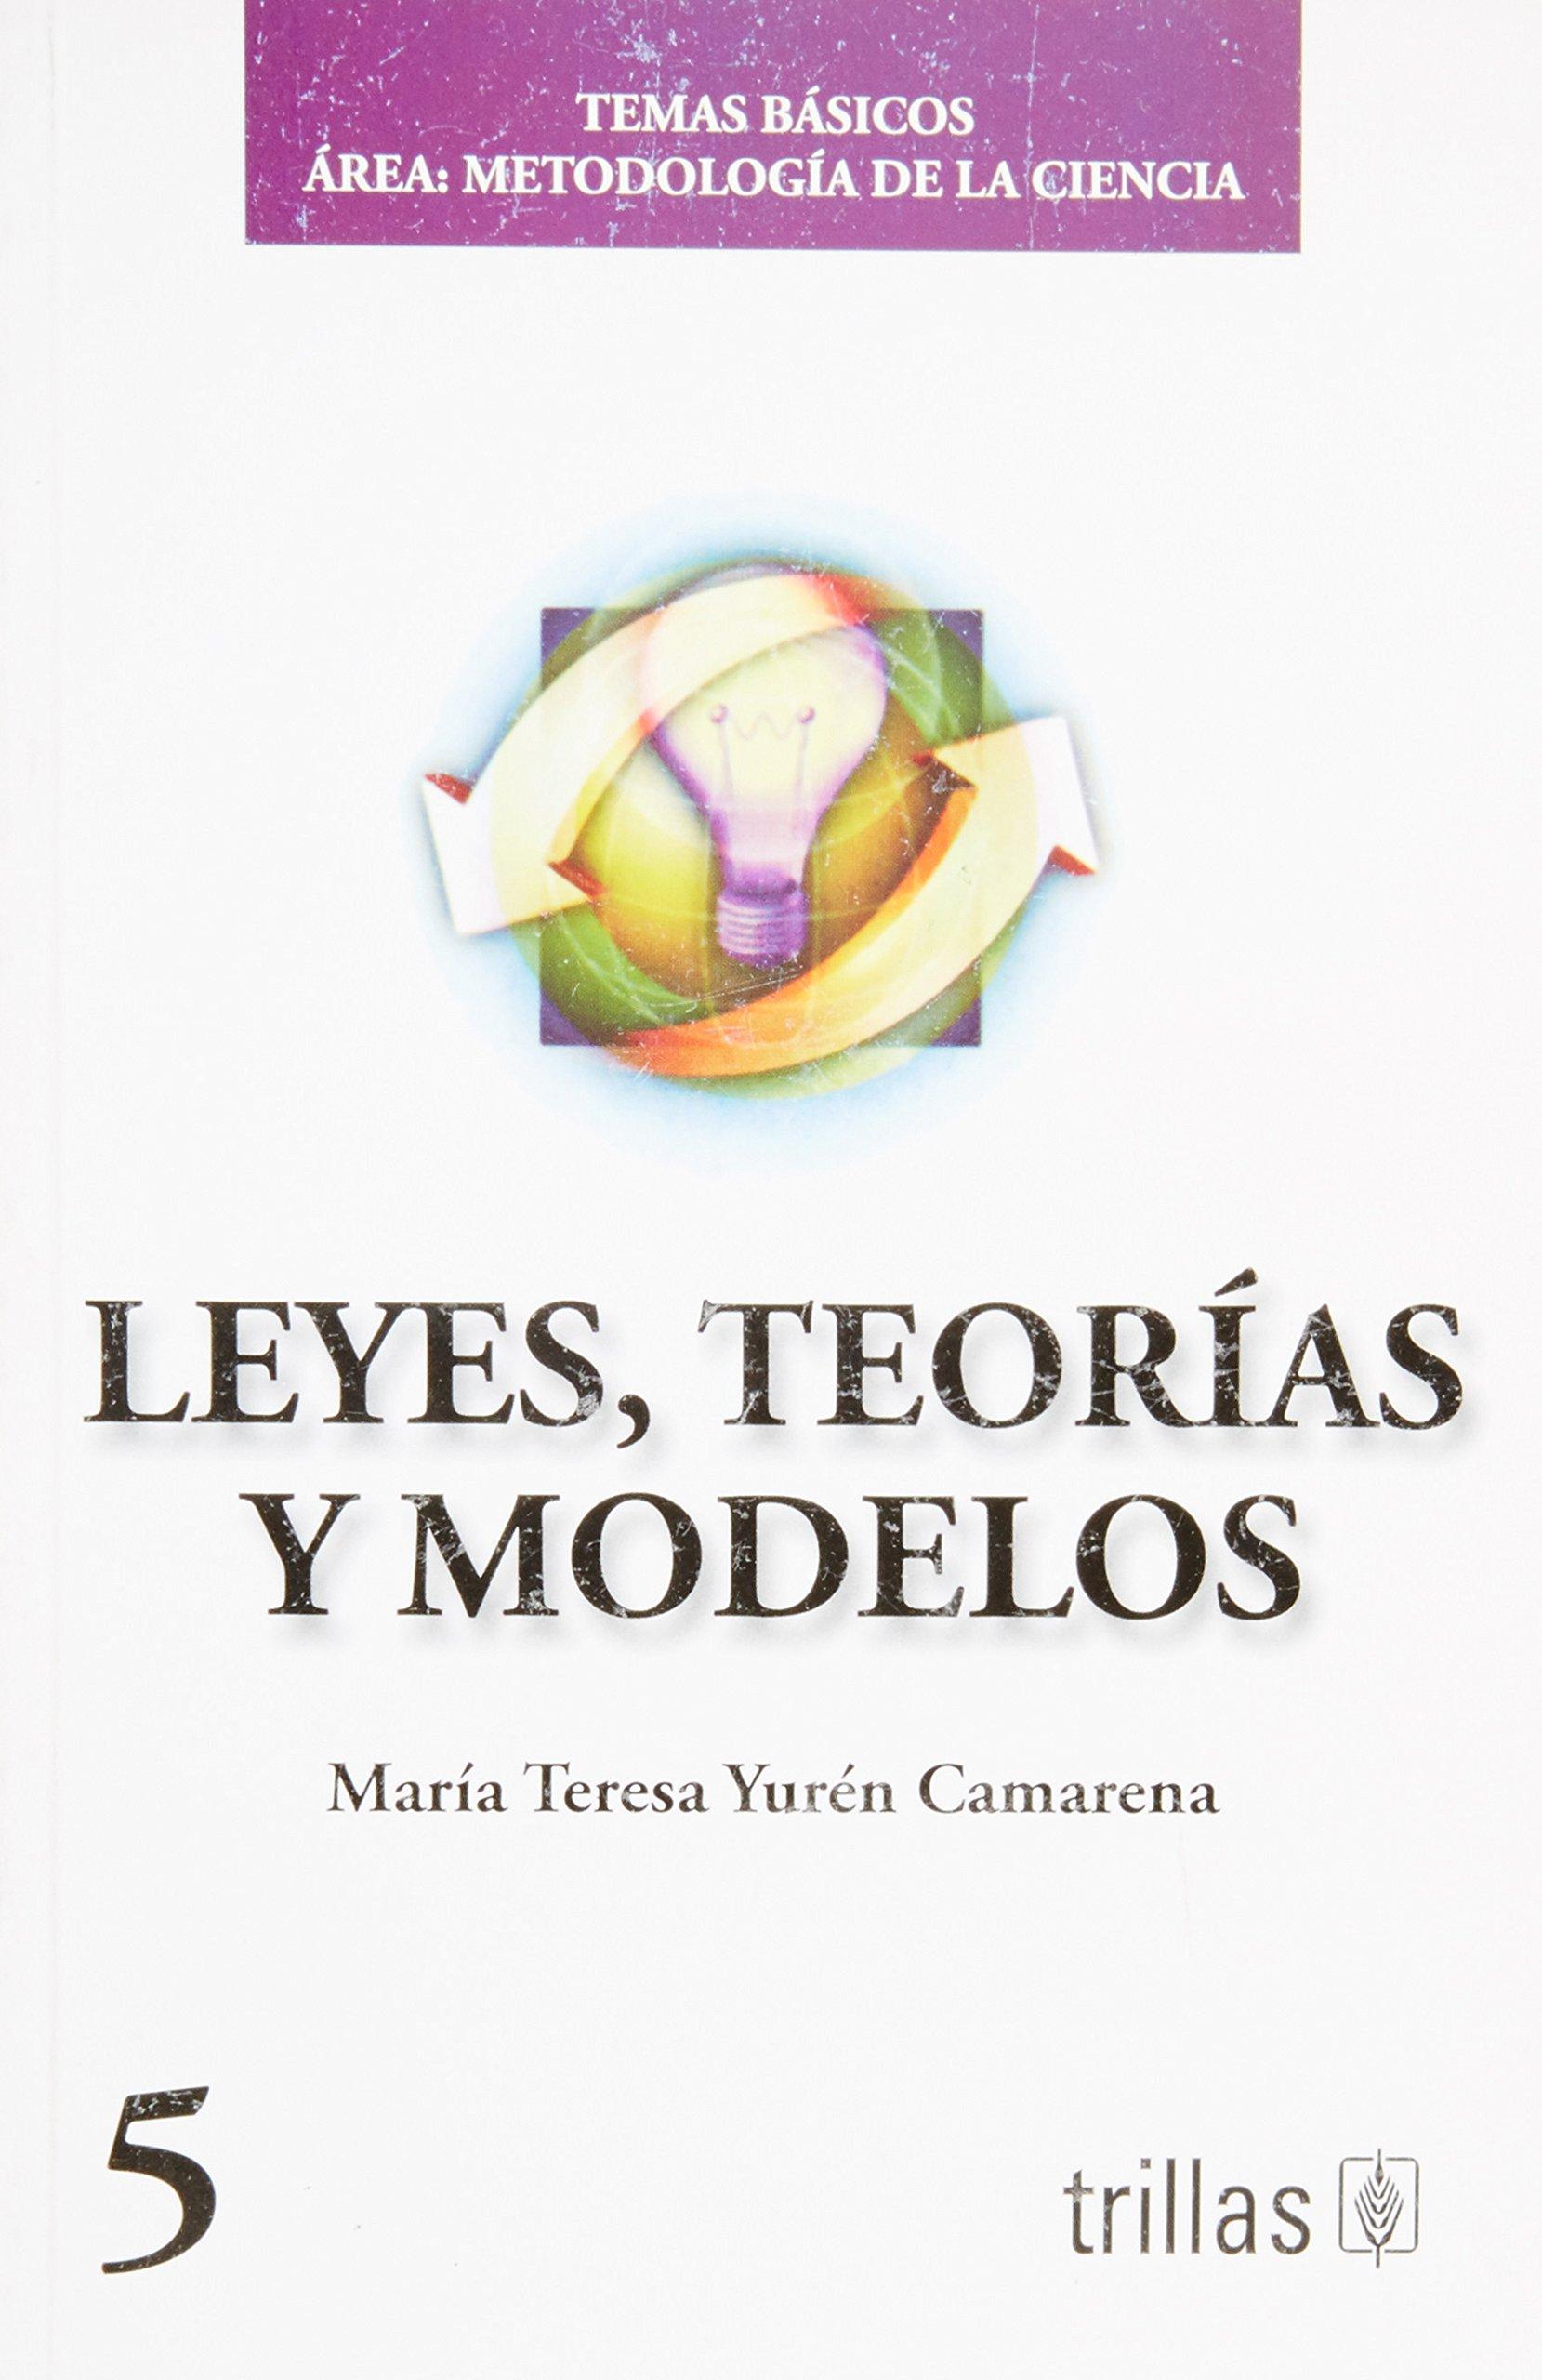 Leyes, Teorias Y Modelos/ Laws, Theories and Models: Temas Basicos Area: Metodologia De La Ciencia (Spanish Edition) pdf epub